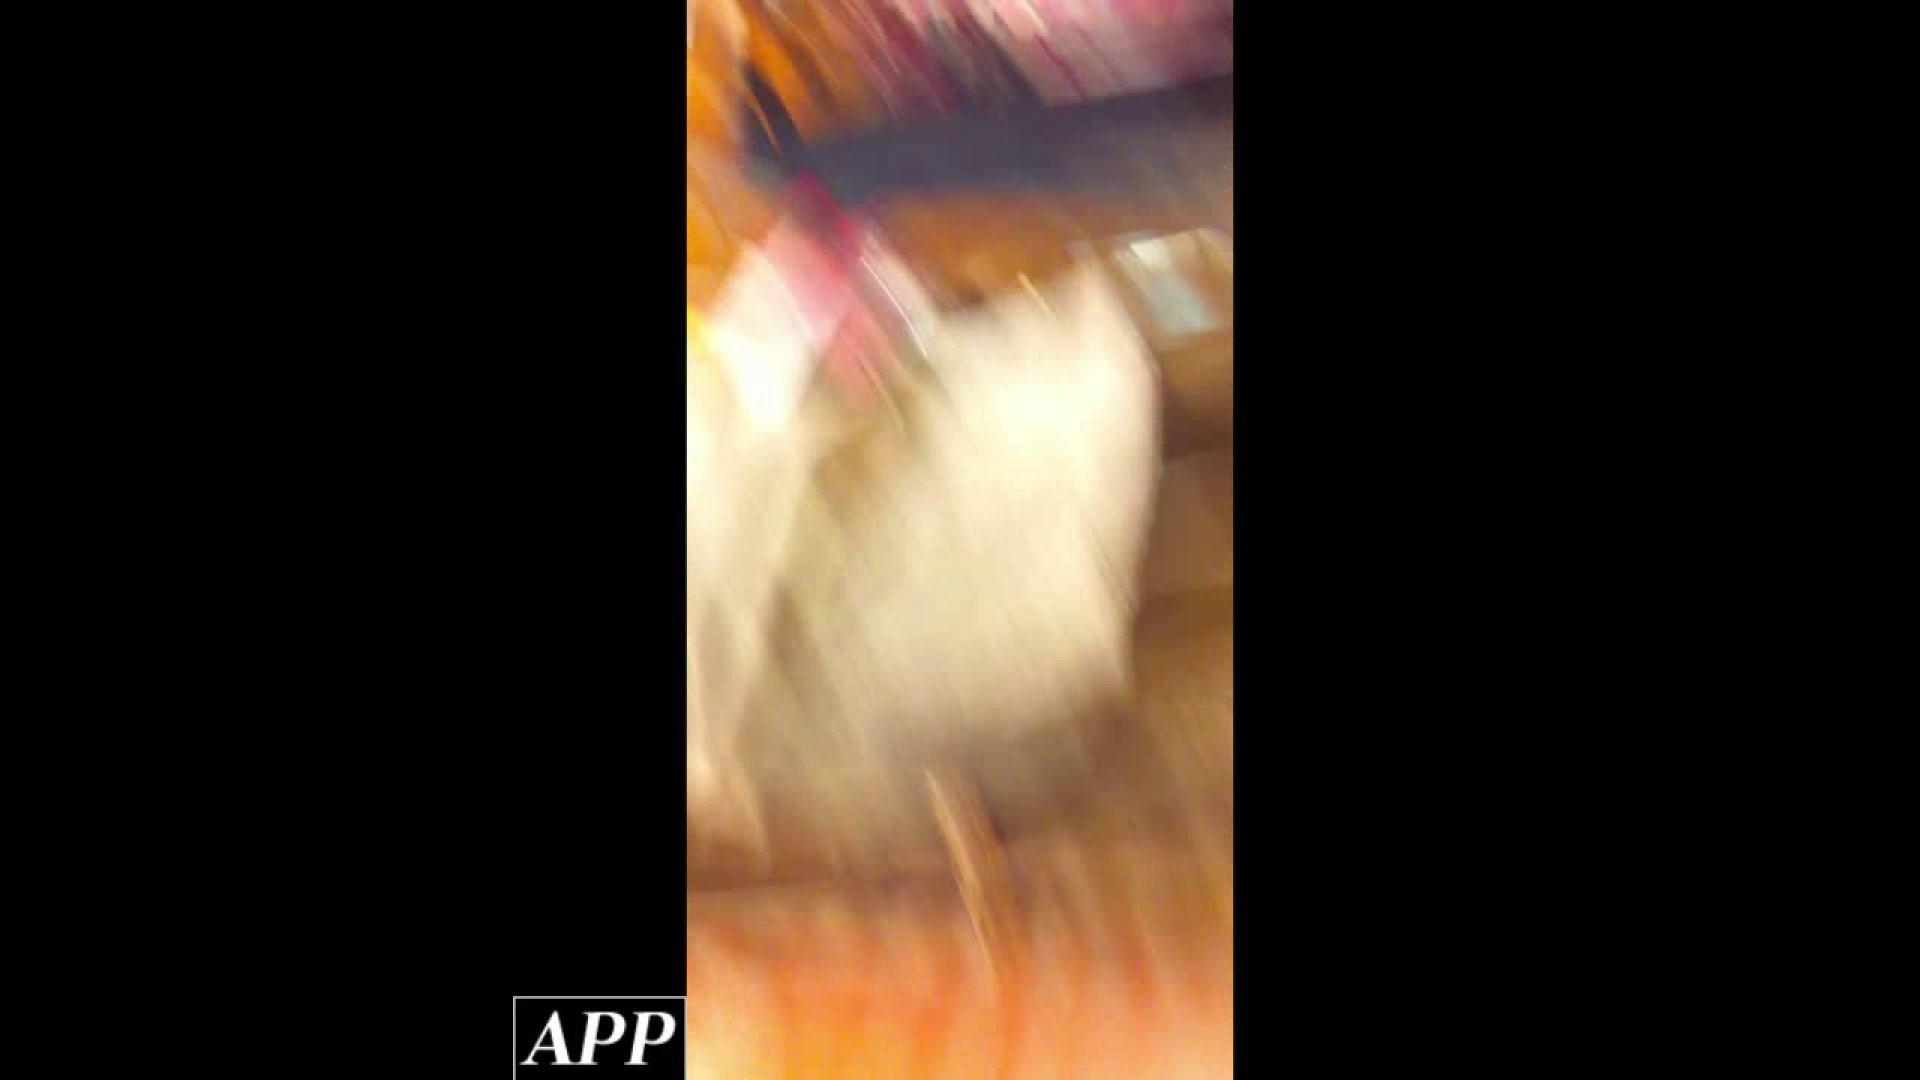 ハイビジョン盗撮!ショップ店員千人斬り!胸チラ編 vol.75 エッチな盗撮 おまんこ無修正動画無料 97pic 43